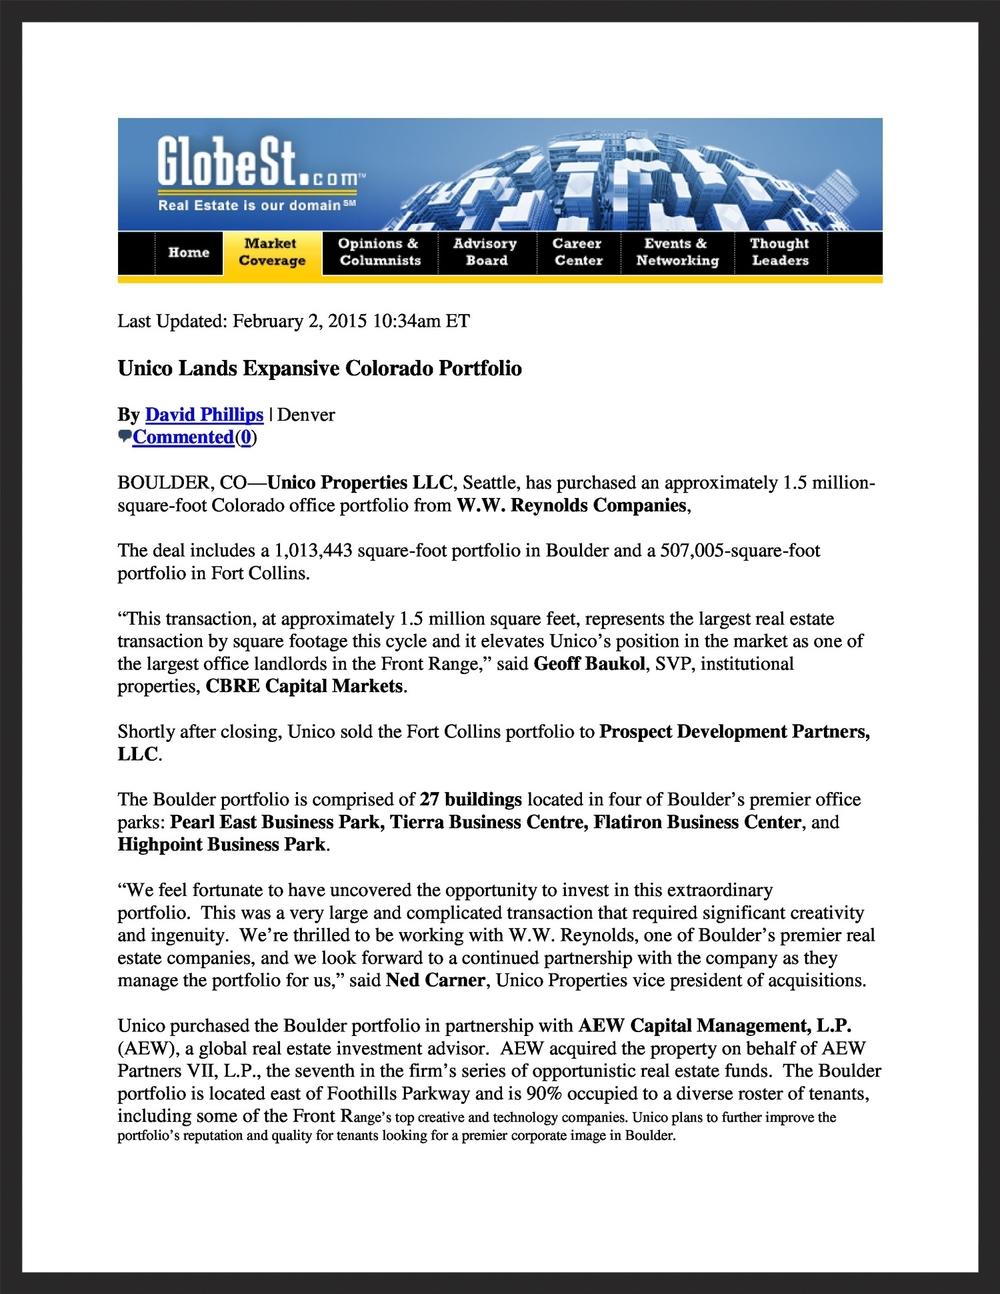 UNICO  GlobeSt.com  02.02.2015